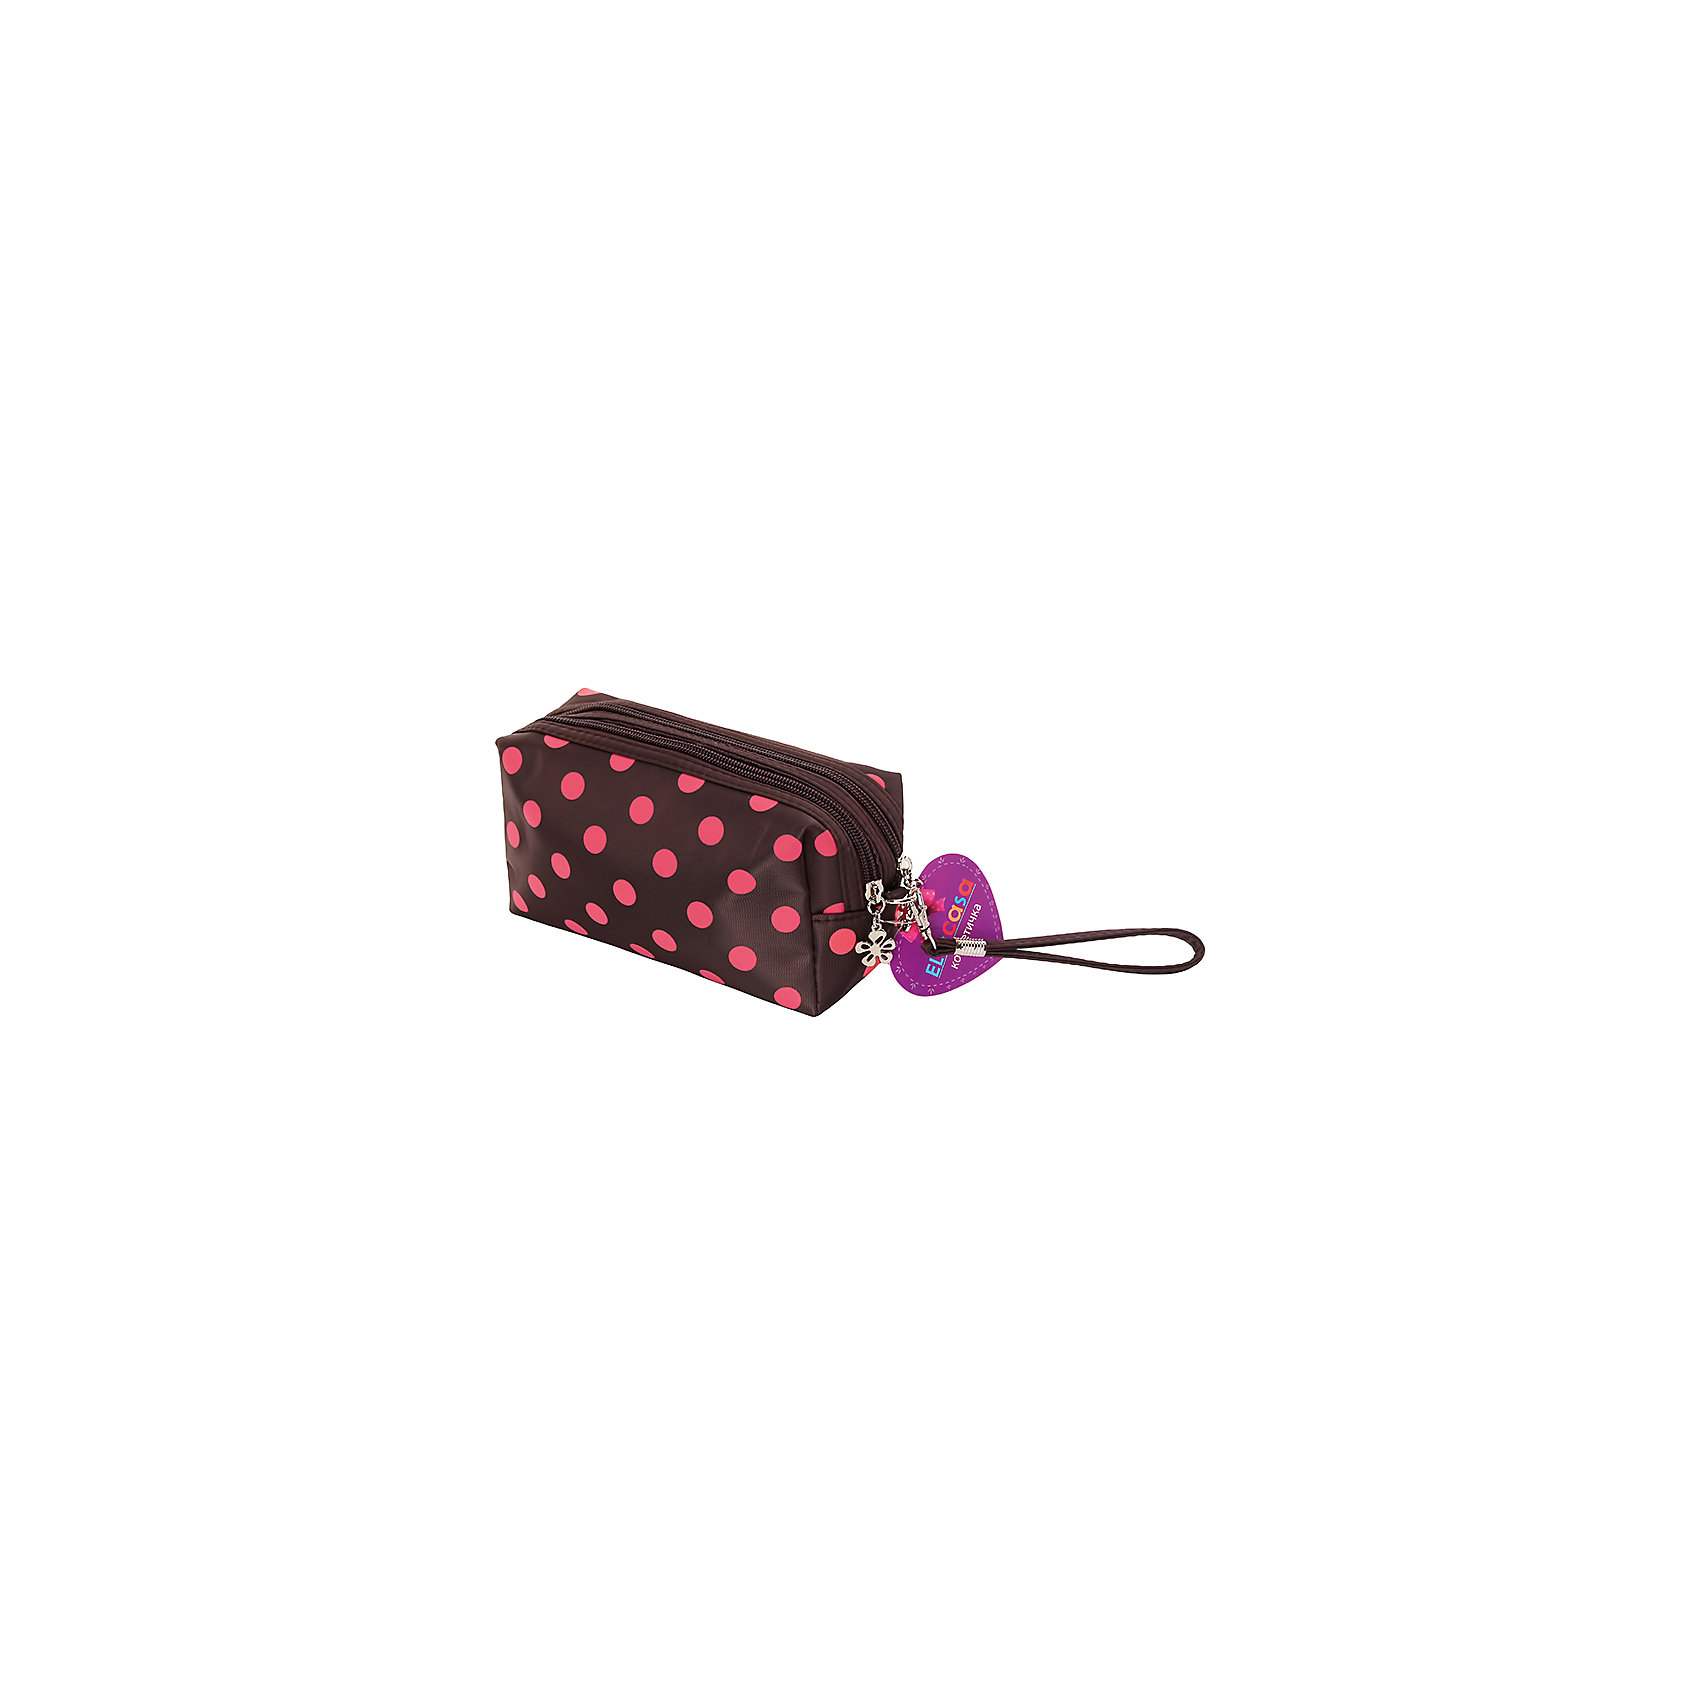 Косметичка Коричневая с розовым горошком, EL CasaПорядок в детской<br>Характеристики товара:<br><br>• цвет: мульти<br>• материал: полиэстер 100%<br>• размер: 20 х 8 х 10 см<br>• вес: 100 г<br>• декорирована принтом<br>• застежка: молния<br>• 2 отсека<br>• стильный дизайн<br>• удобная<br>• защита вещей от пыли<br>• универсальный размер<br>• страна бренда: Российская Федерация<br>• страна производства: Китай<br><br>Эта косметичка - отличный пример красивой и функциональной вещи. В ней удобной хранить различные мелочи, благодаря универсальному дизайну и небольшому размеру косметичка легко влезает в сумочку.<br><br>Яркая косметичка может стать отличным приобретением для дома или подарком для любителей красивых оригинальных вещей.<br><br>Бренд EL Casa - это красивые и практичные товары для дома с современным дизайном. Они добавляют в жильё уюта и комфорта! <br><br>Косметичку Коричневая с розовым горошком, EL Casa, можно купить в нашем интернет-магазине.<br><br>Ширина мм: 200<br>Глубина мм: 100<br>Высота мм: 30<br>Вес г: 100<br>Возраст от месяцев: 0<br>Возраст до месяцев: 1188<br>Пол: Унисекс<br>Возраст: Детский<br>SKU: 6668811